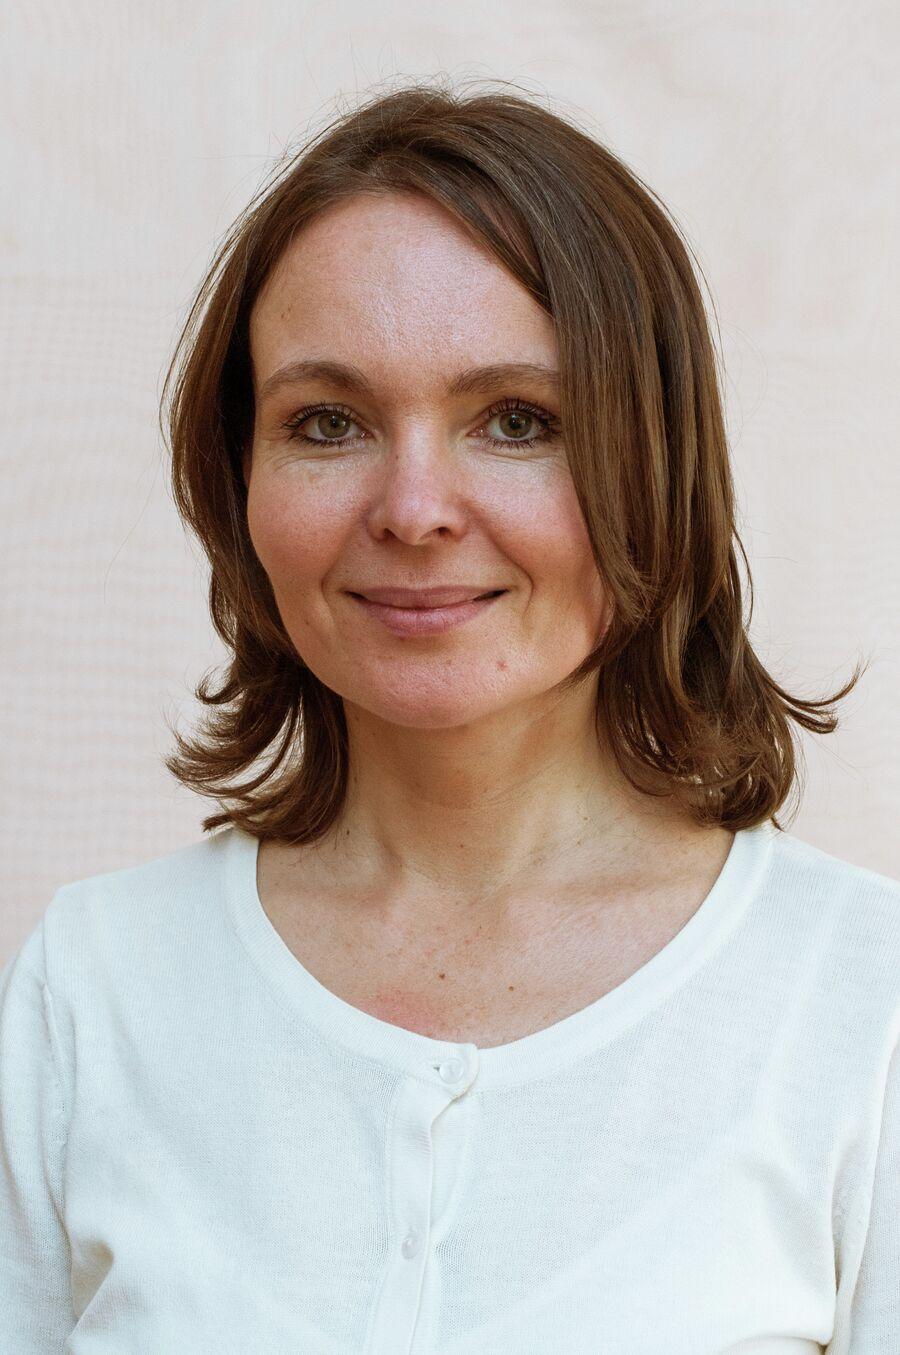 Директор по методической работе детского хосписа «Дом с маяком» Наталья Савва